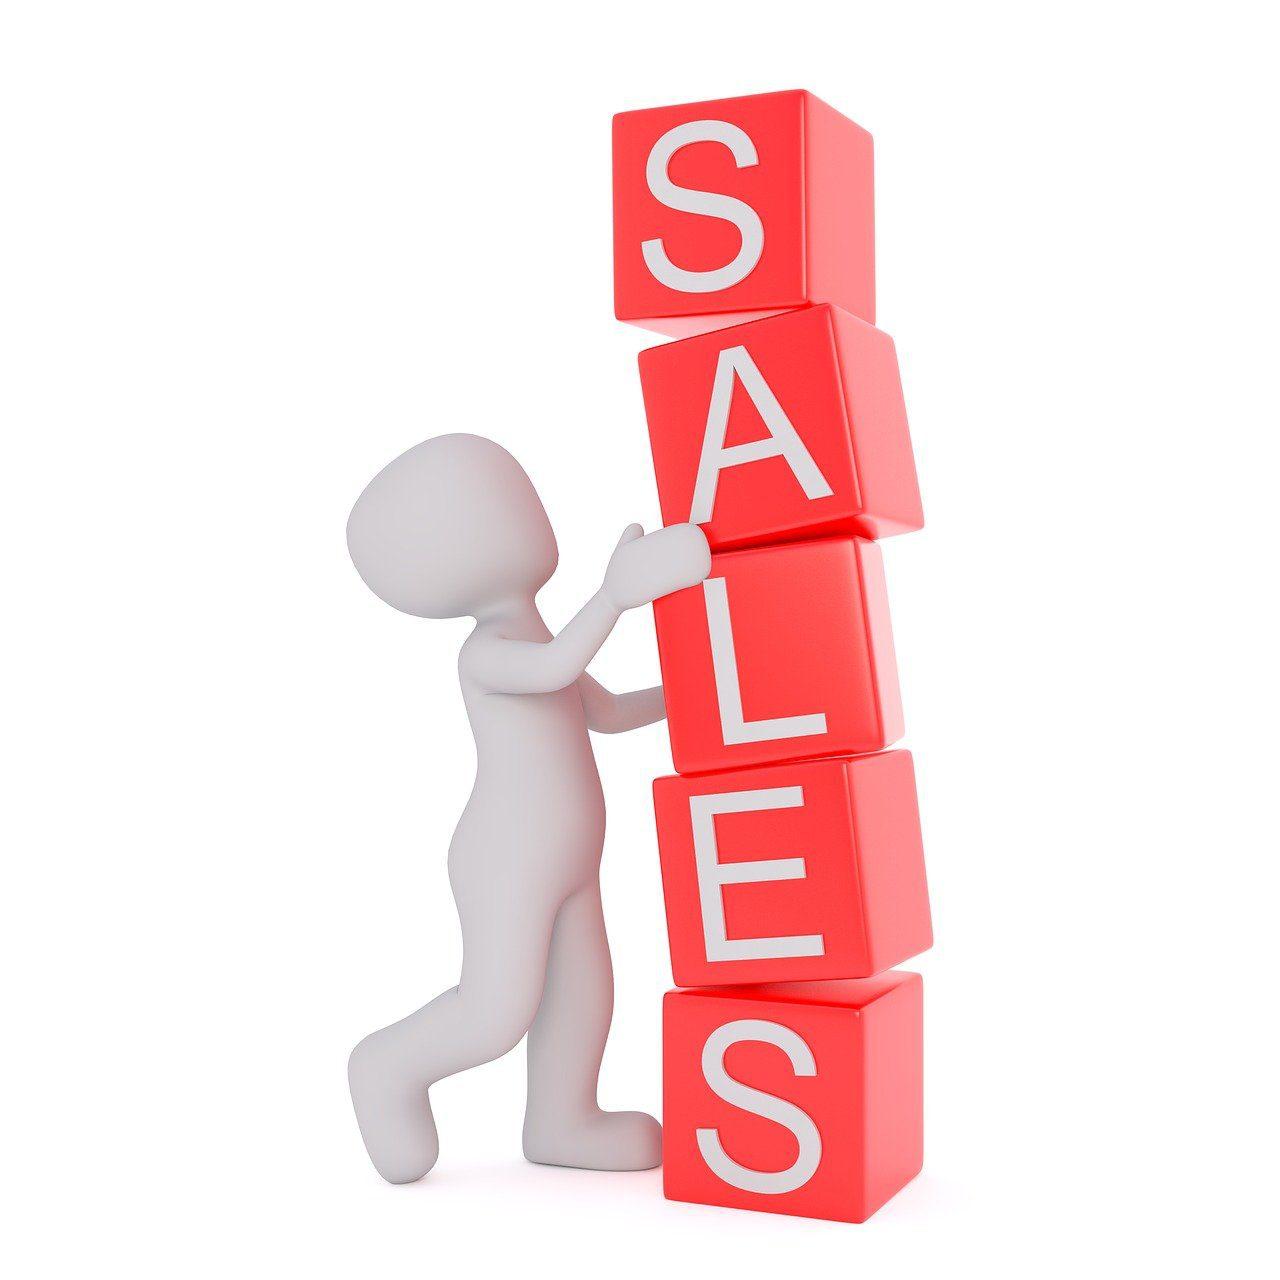 مطلوب موظفين مبيعات وتسويق للعمل مع فريق ماتركس